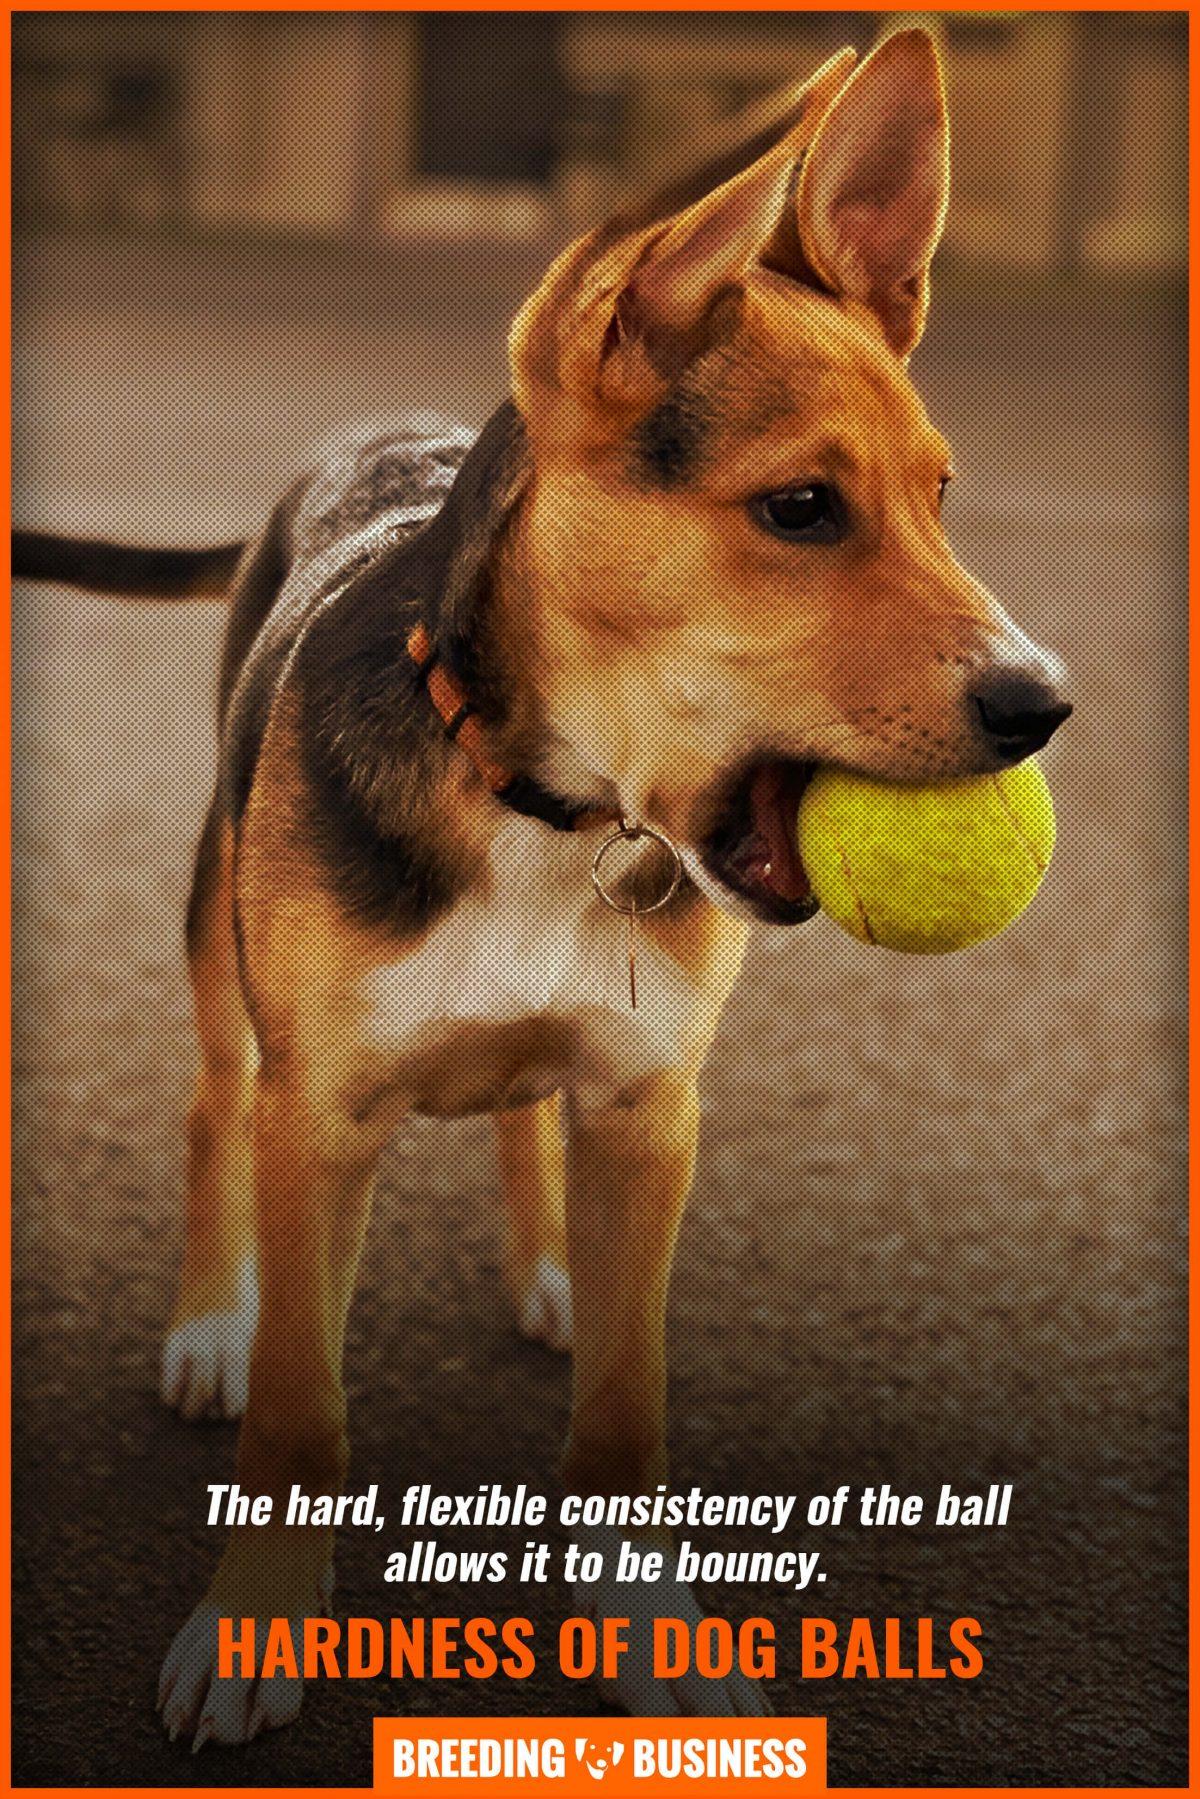 hardness of dog balls